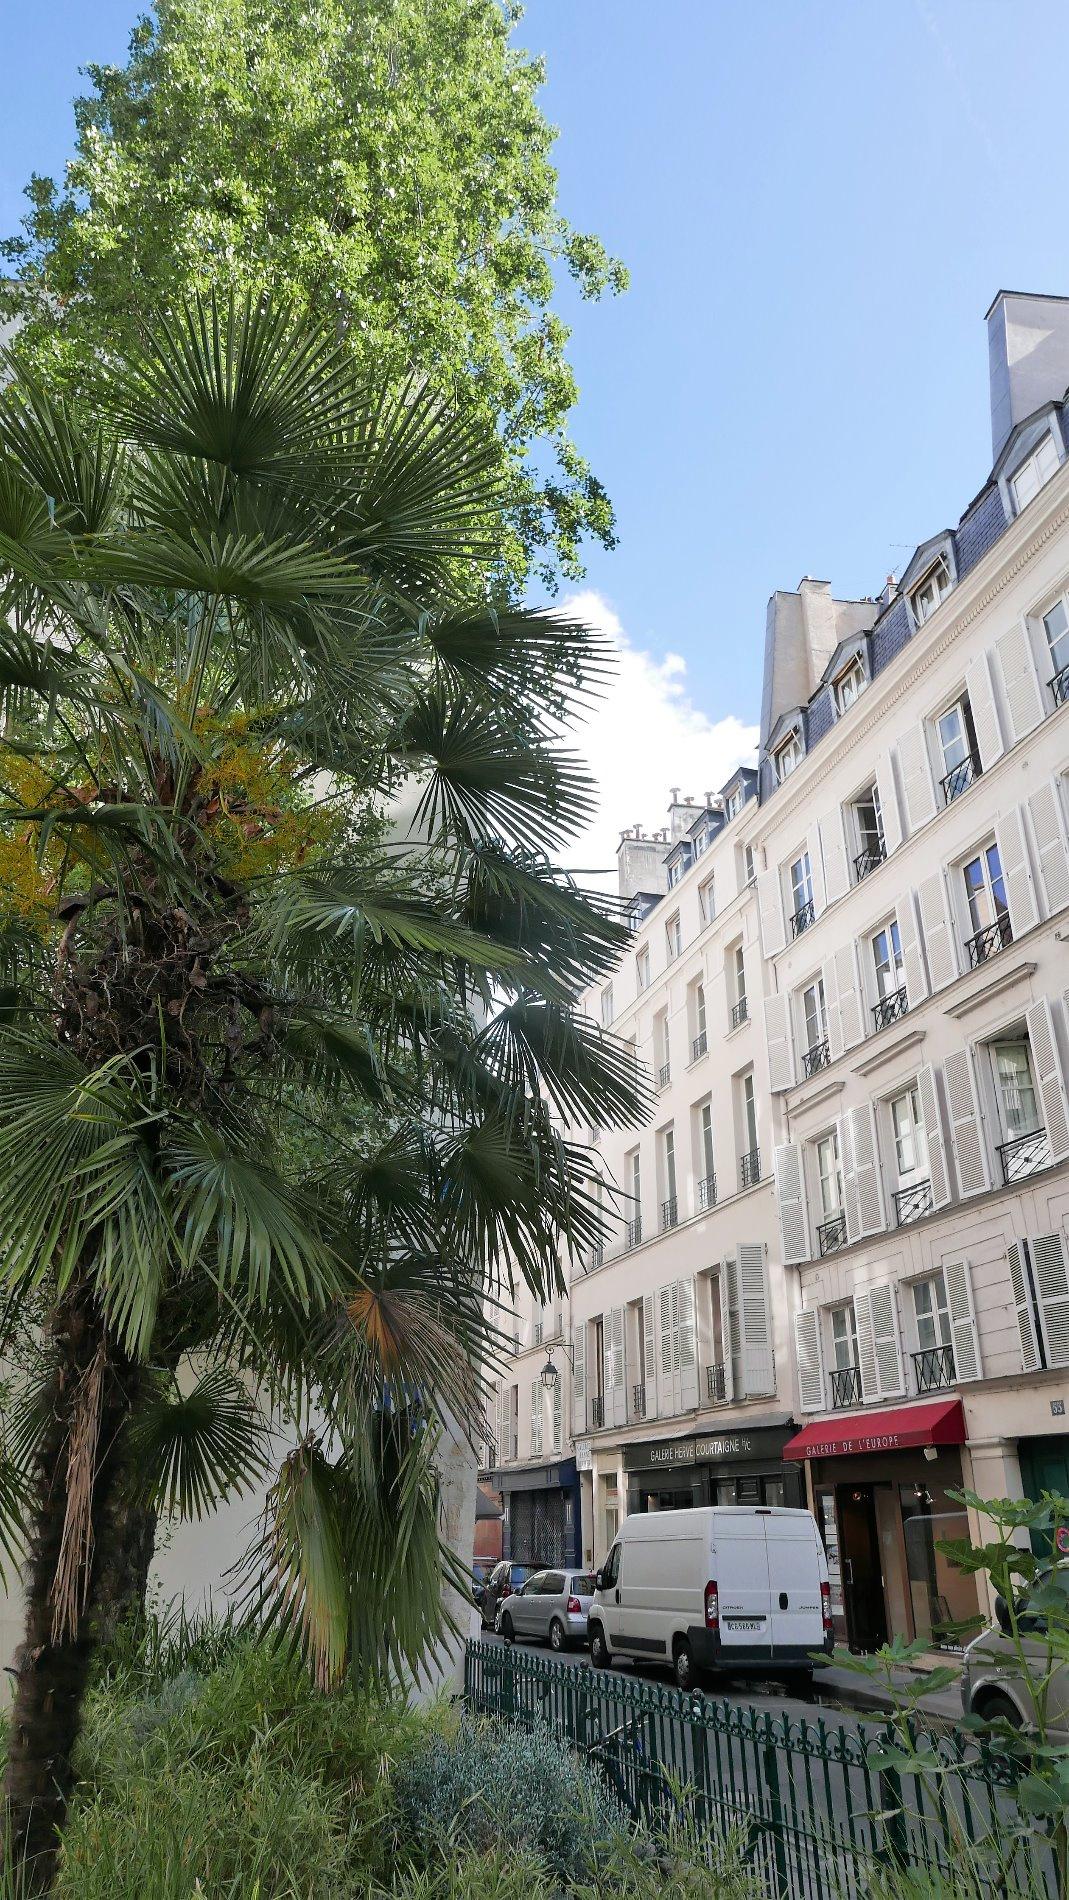 Royalimmo agences immobili res paris 16 me et paris 6 me for Agence immobiliere 6eme arrondissement paris